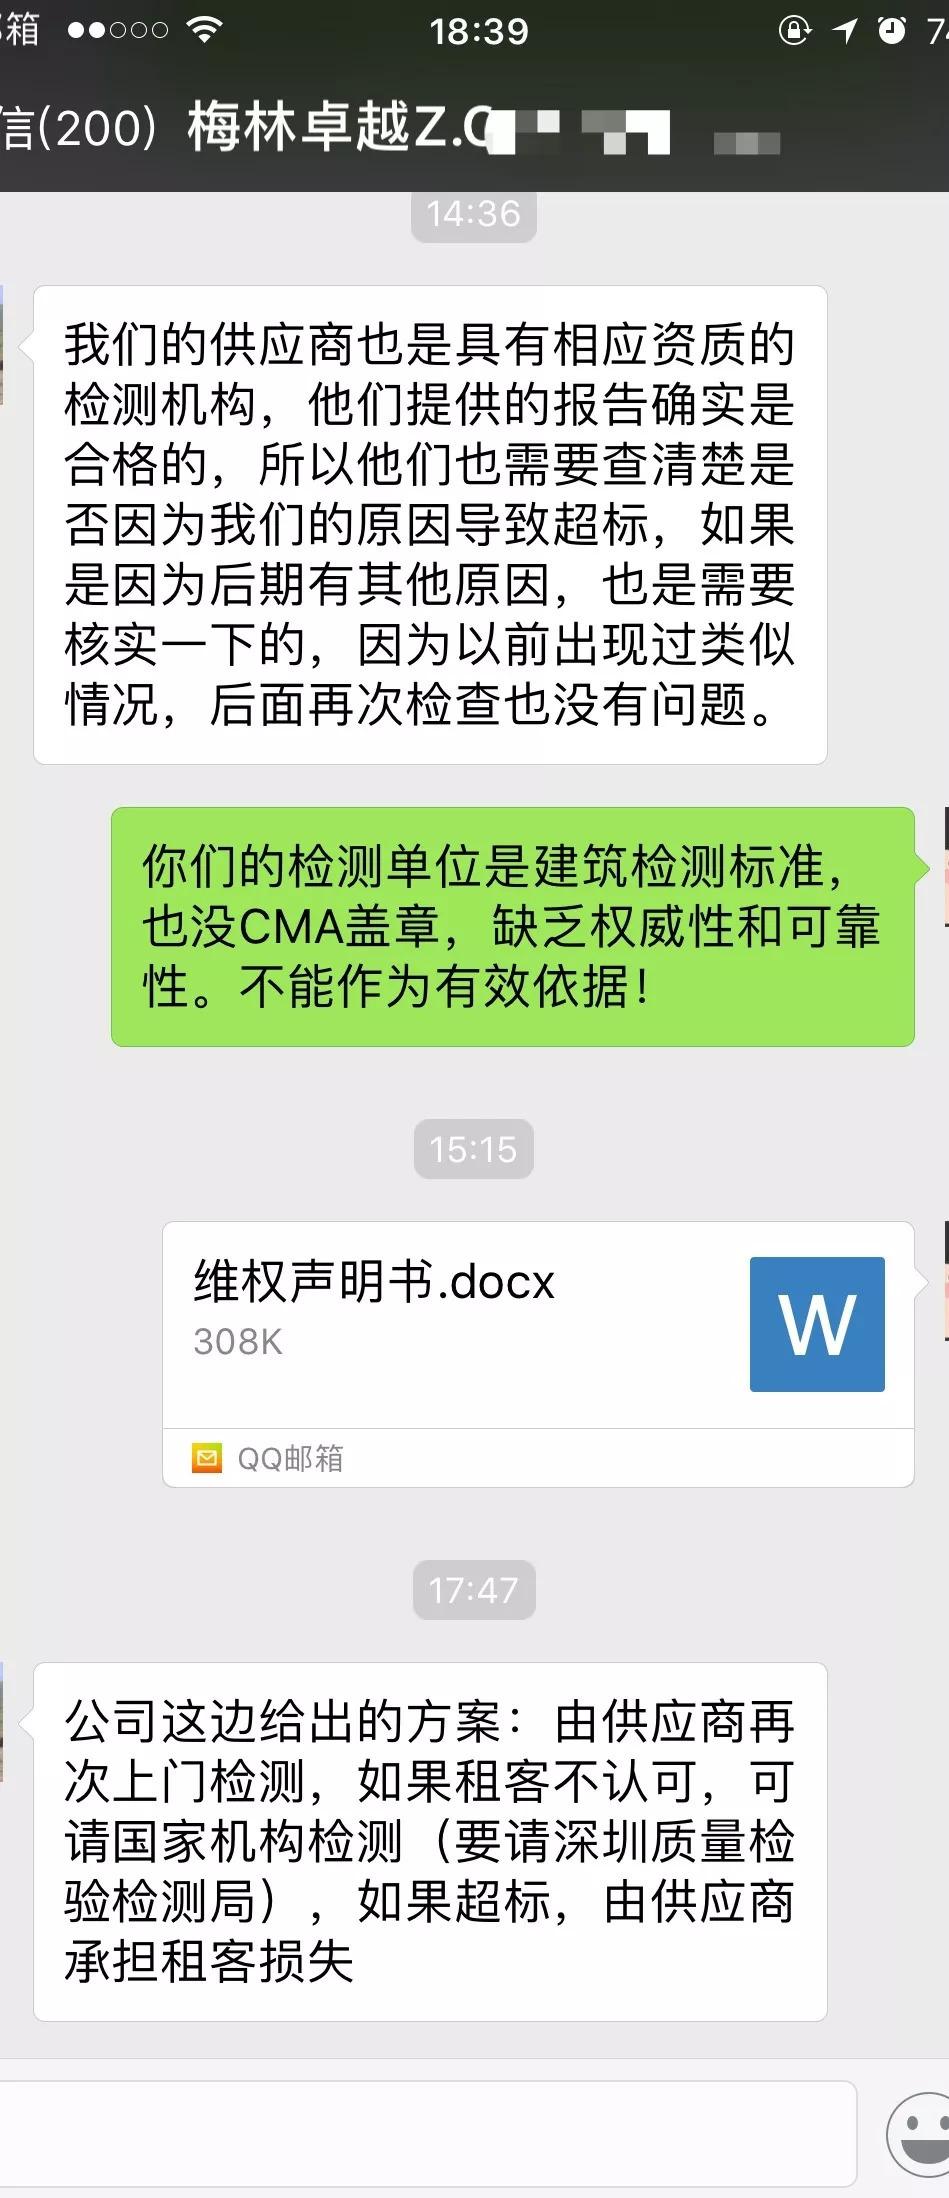 又是自如!深圳女租客入住第二天眼睛刺痛、全身过敏,甲醛检测结果意外